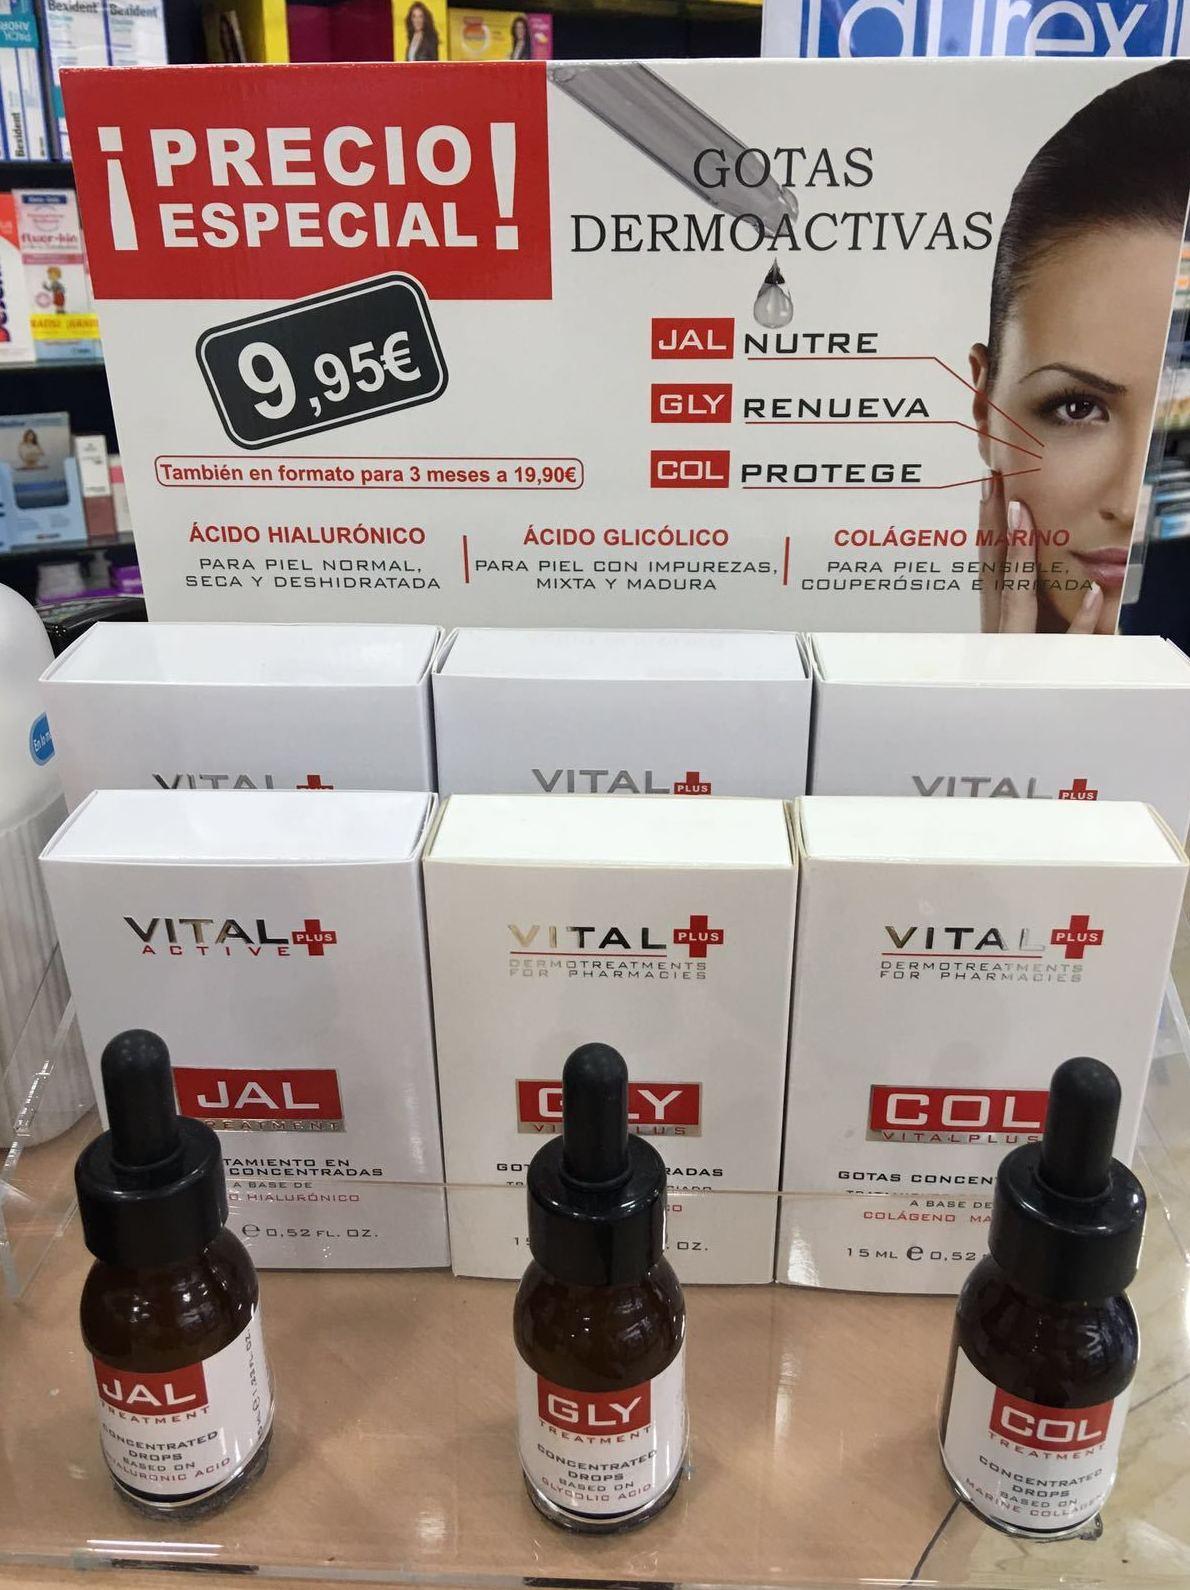 Gotas dermoactivas JAL: Productos y Promociones de Farmacia Lucía